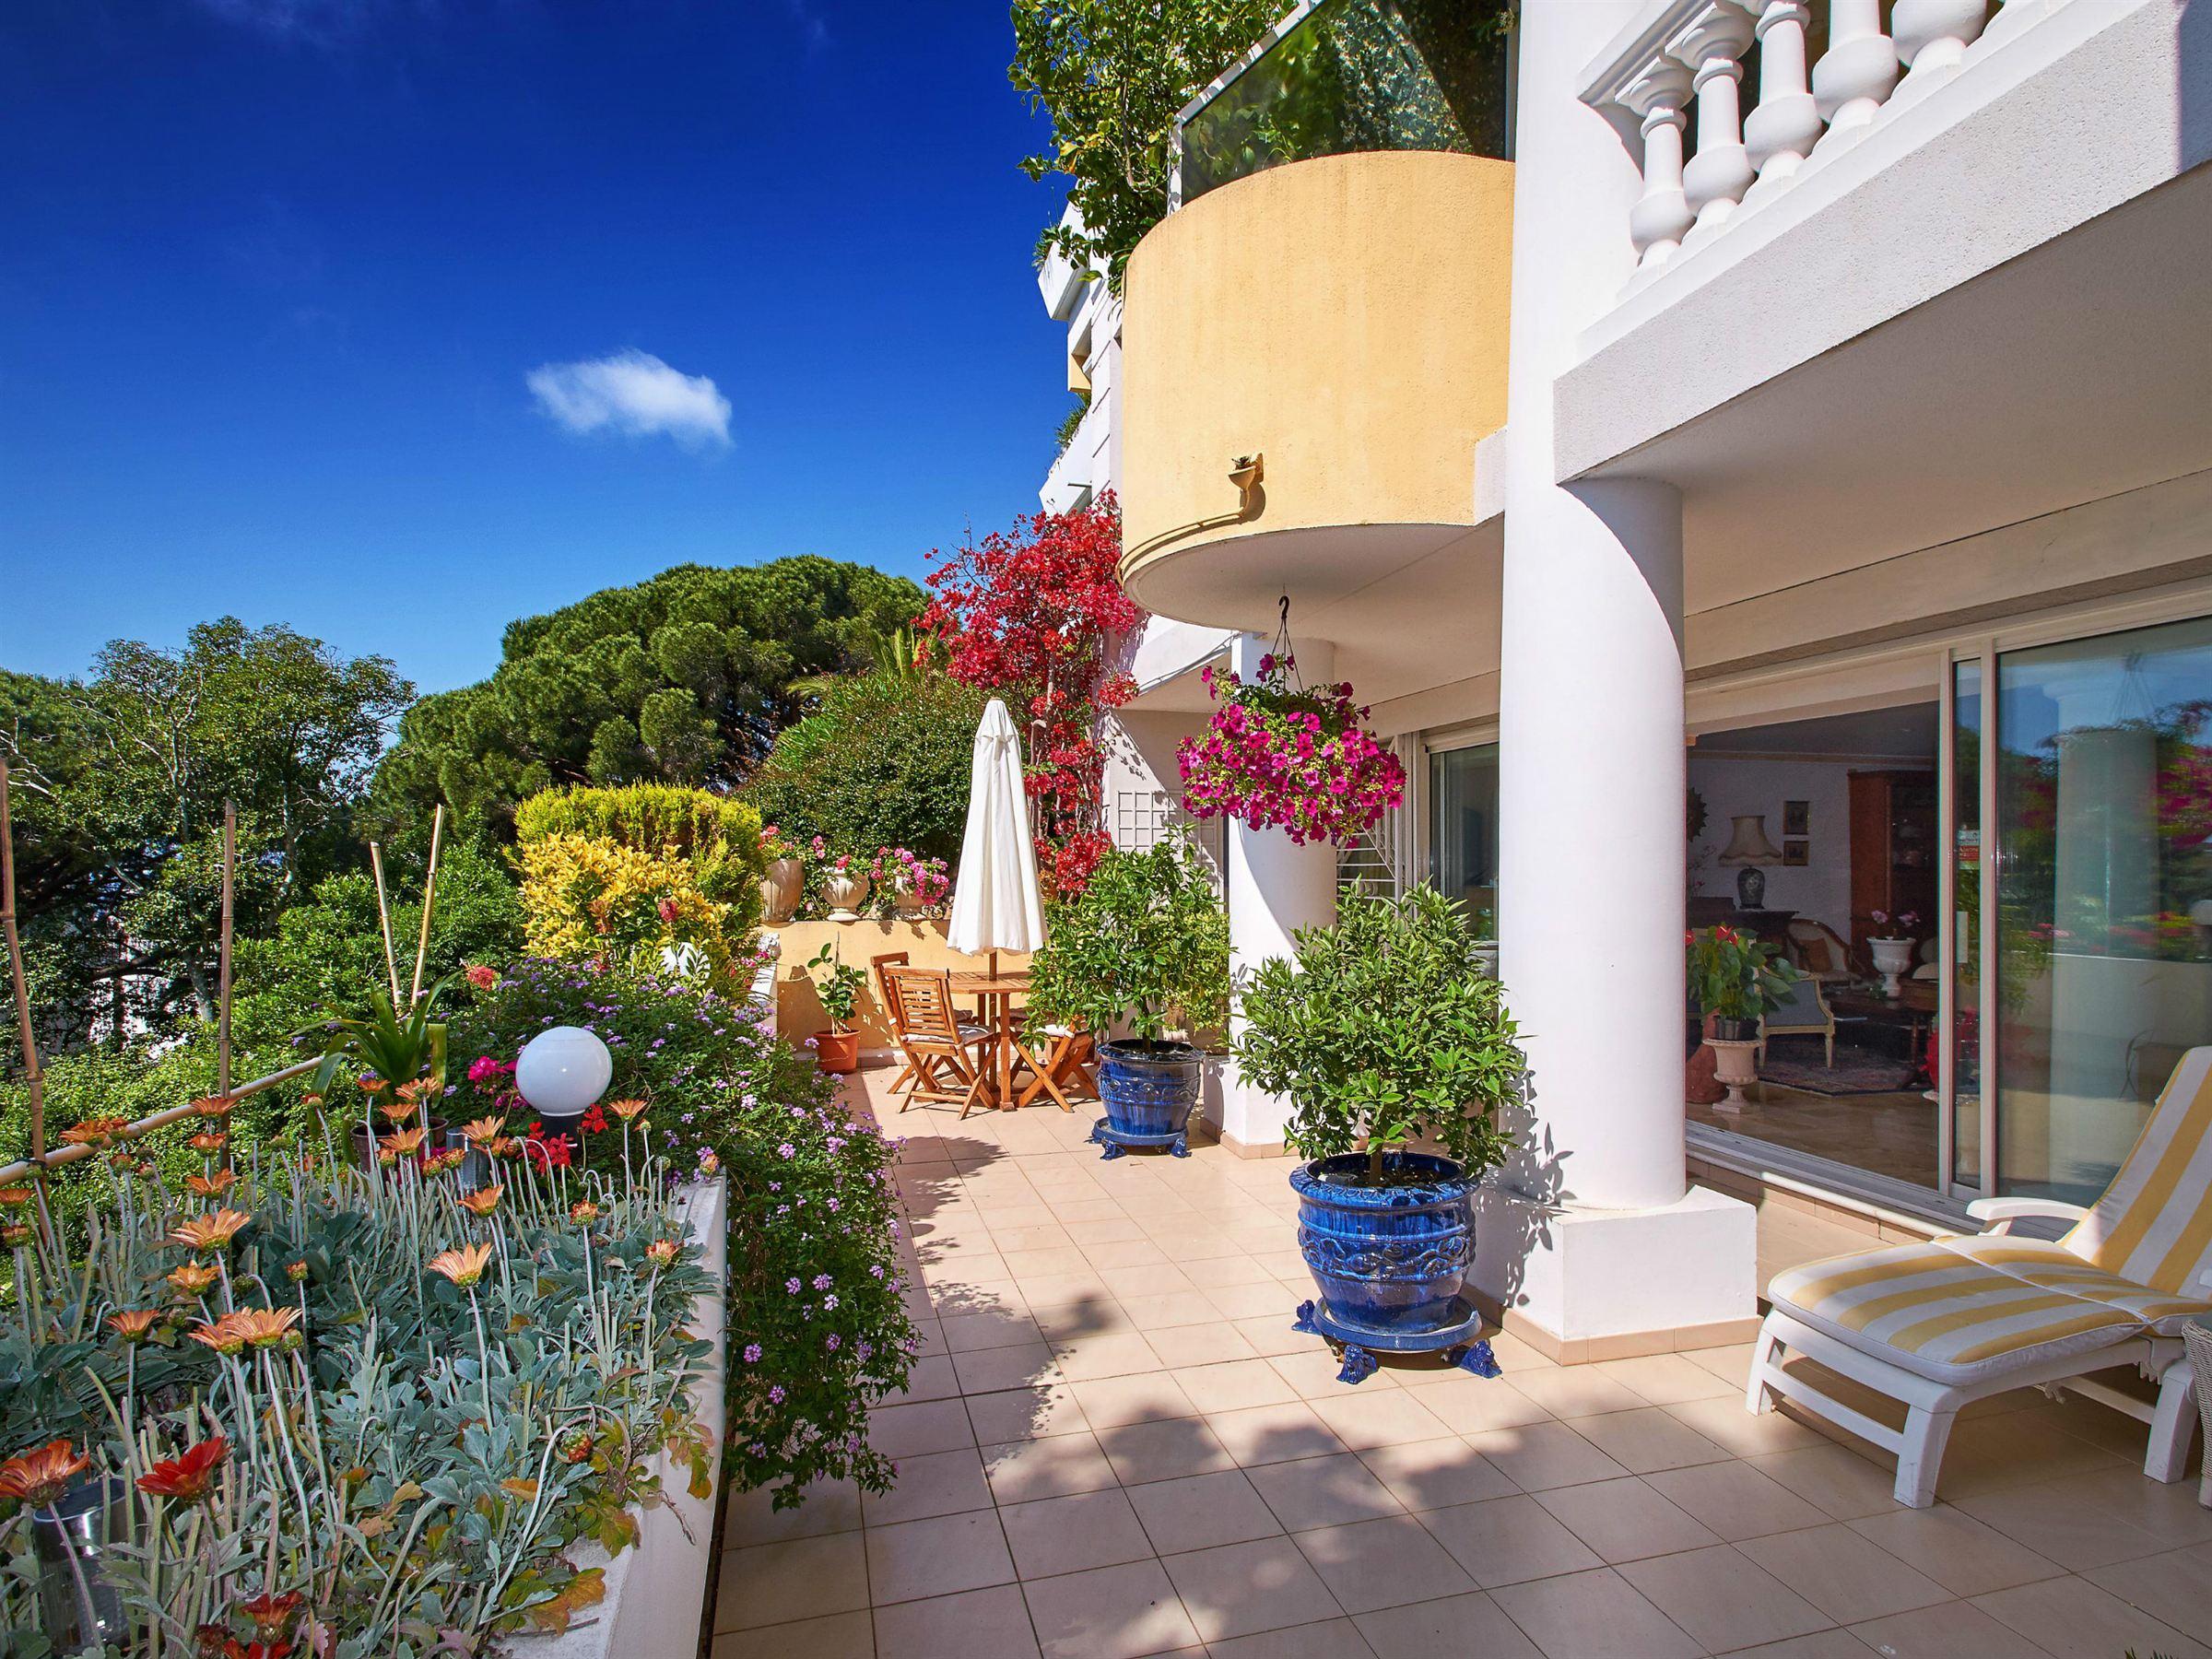 Apartamento para Venda às Upscale apartment for sale in Cannes Californie - sea views Cannes, Provença-Alpes-Costa Azul 06400 França